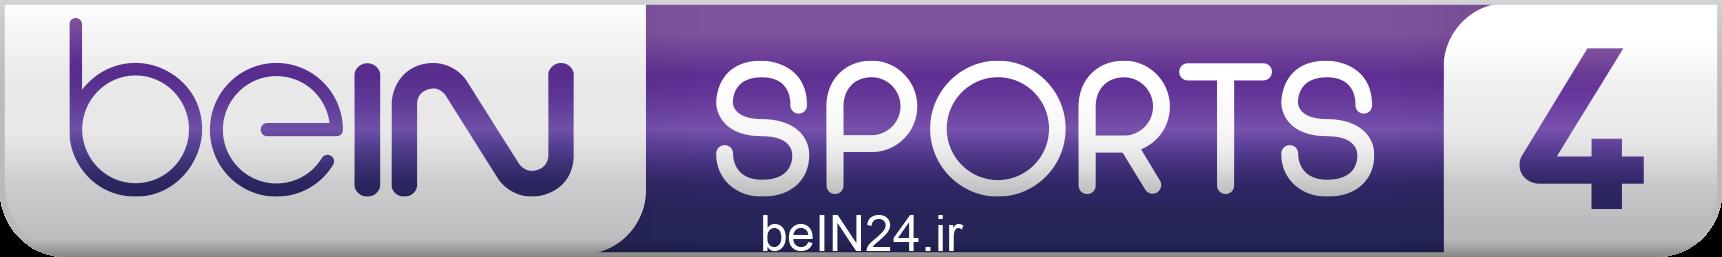 شبکه بین اسپرت ۴